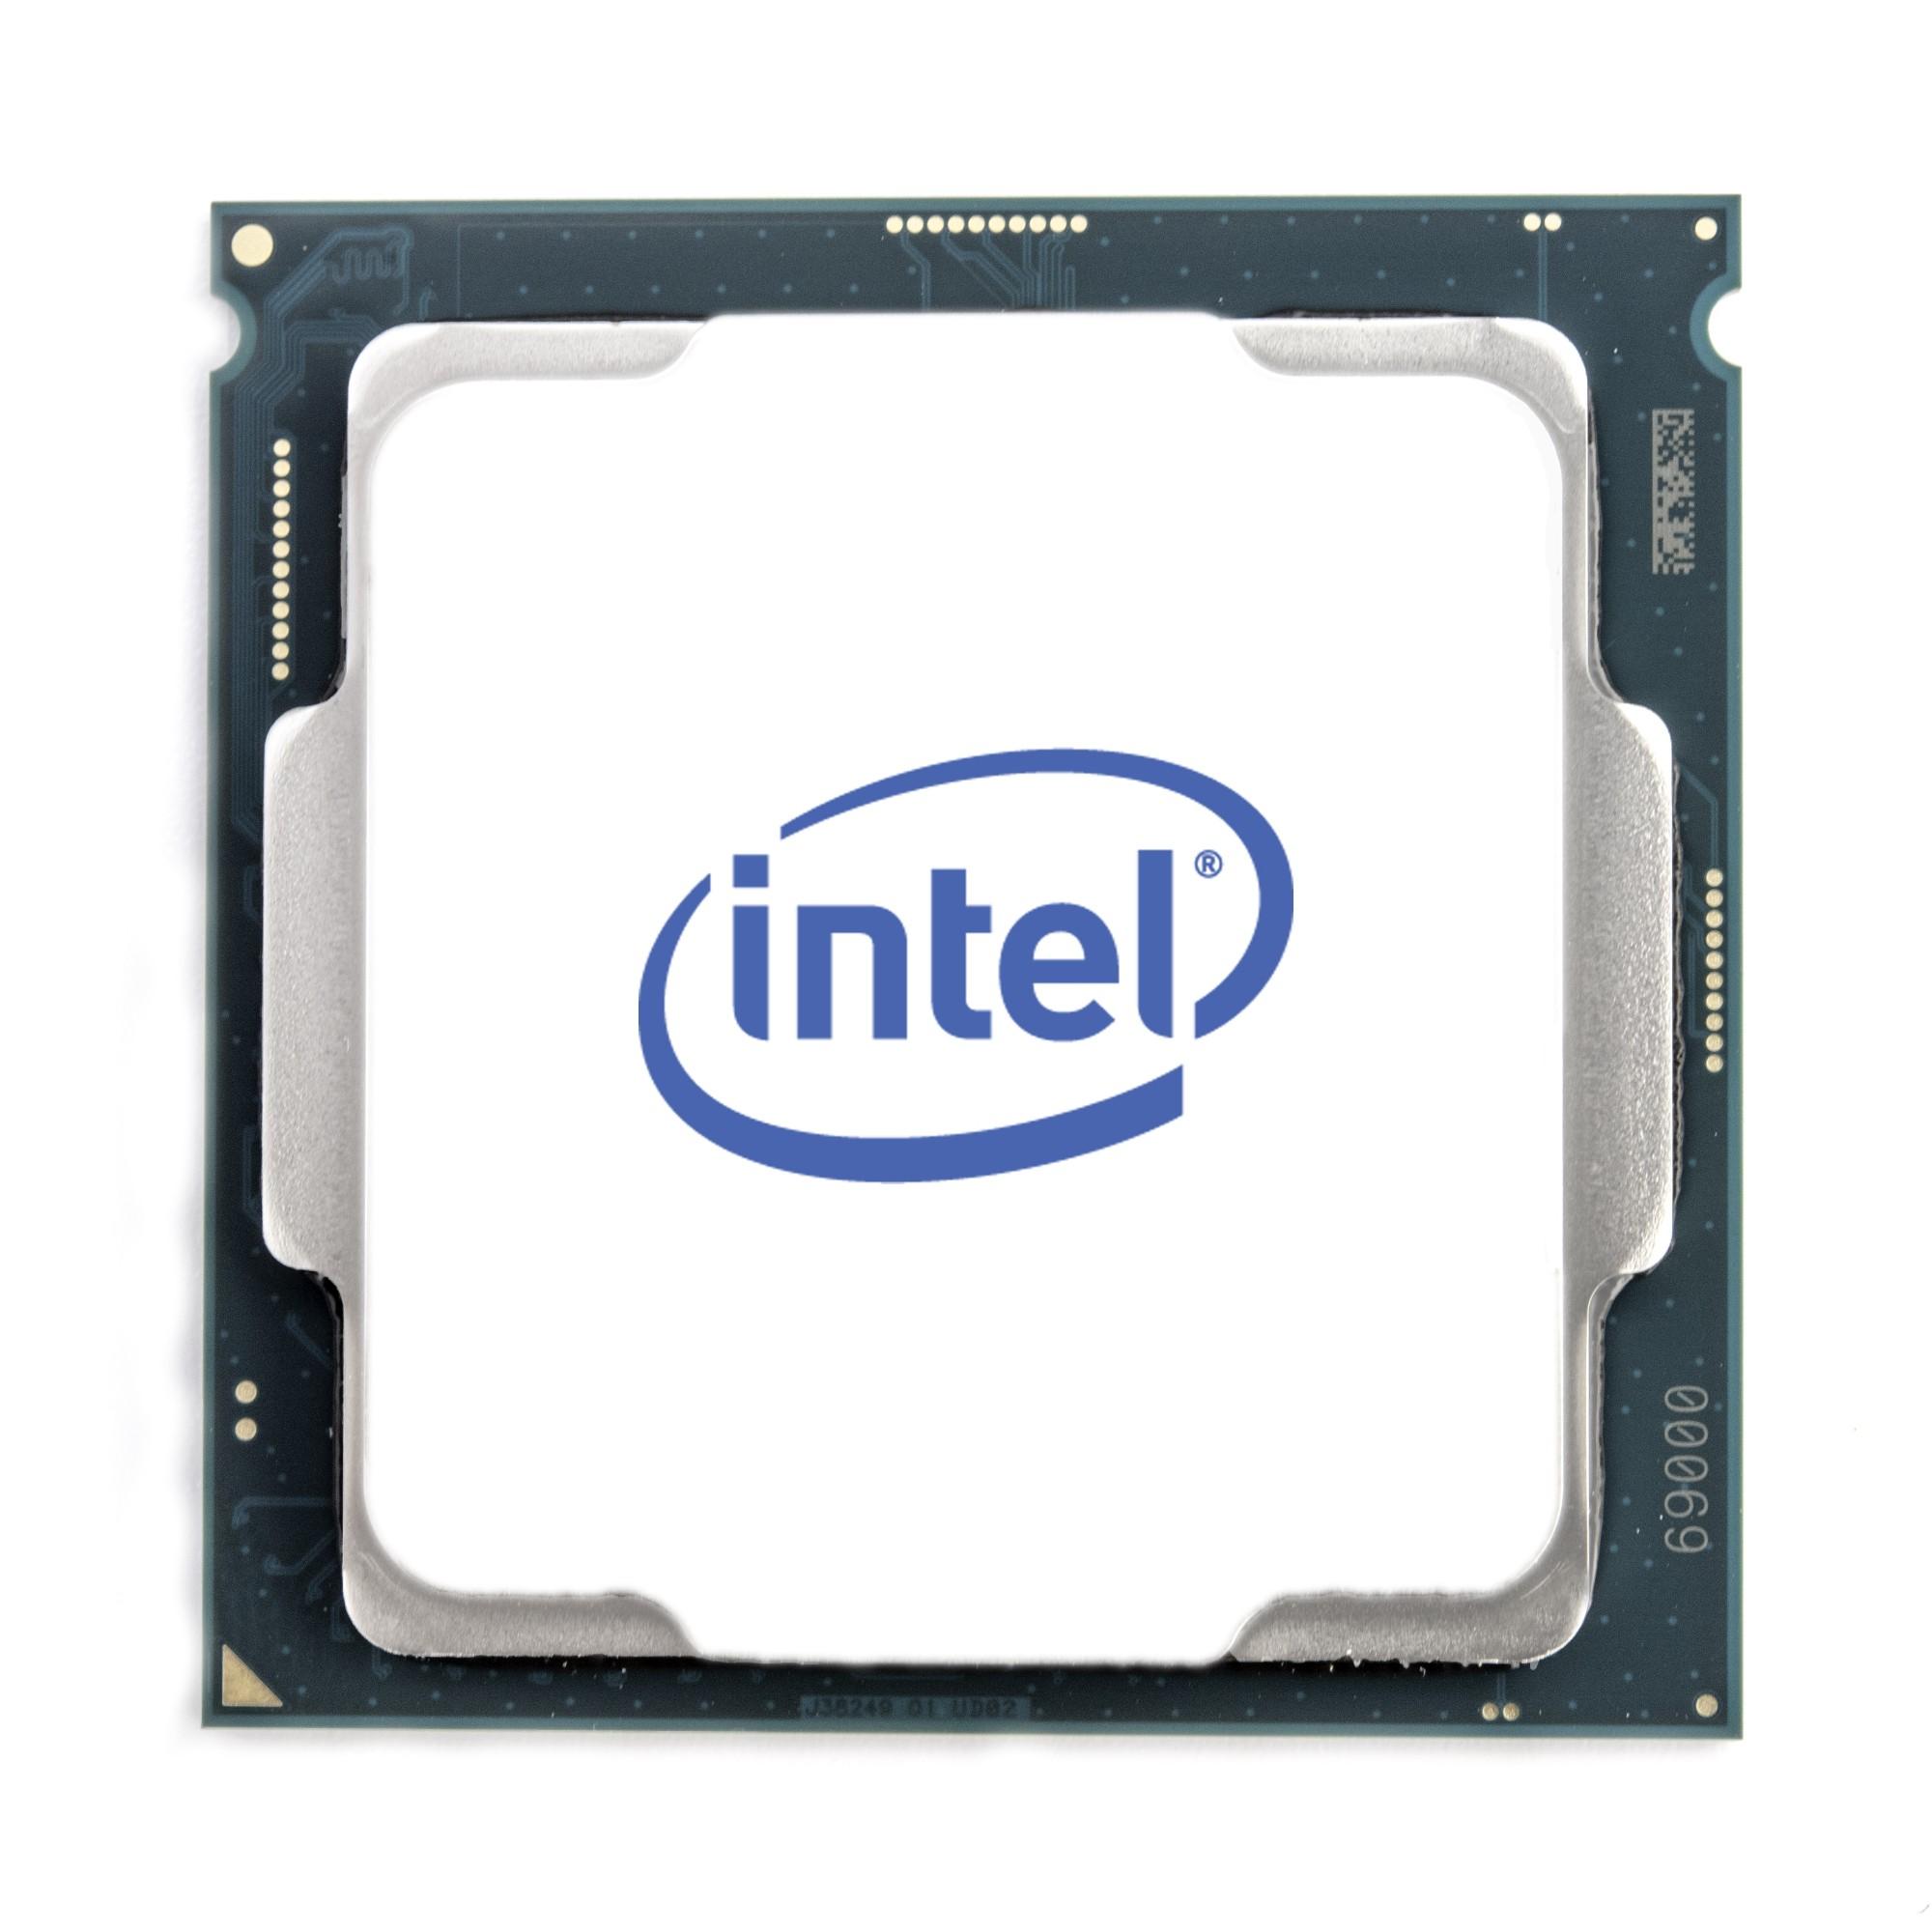 Intel Core i5-11400 processor 2.6 GHz 12 MB Smart Cache Box